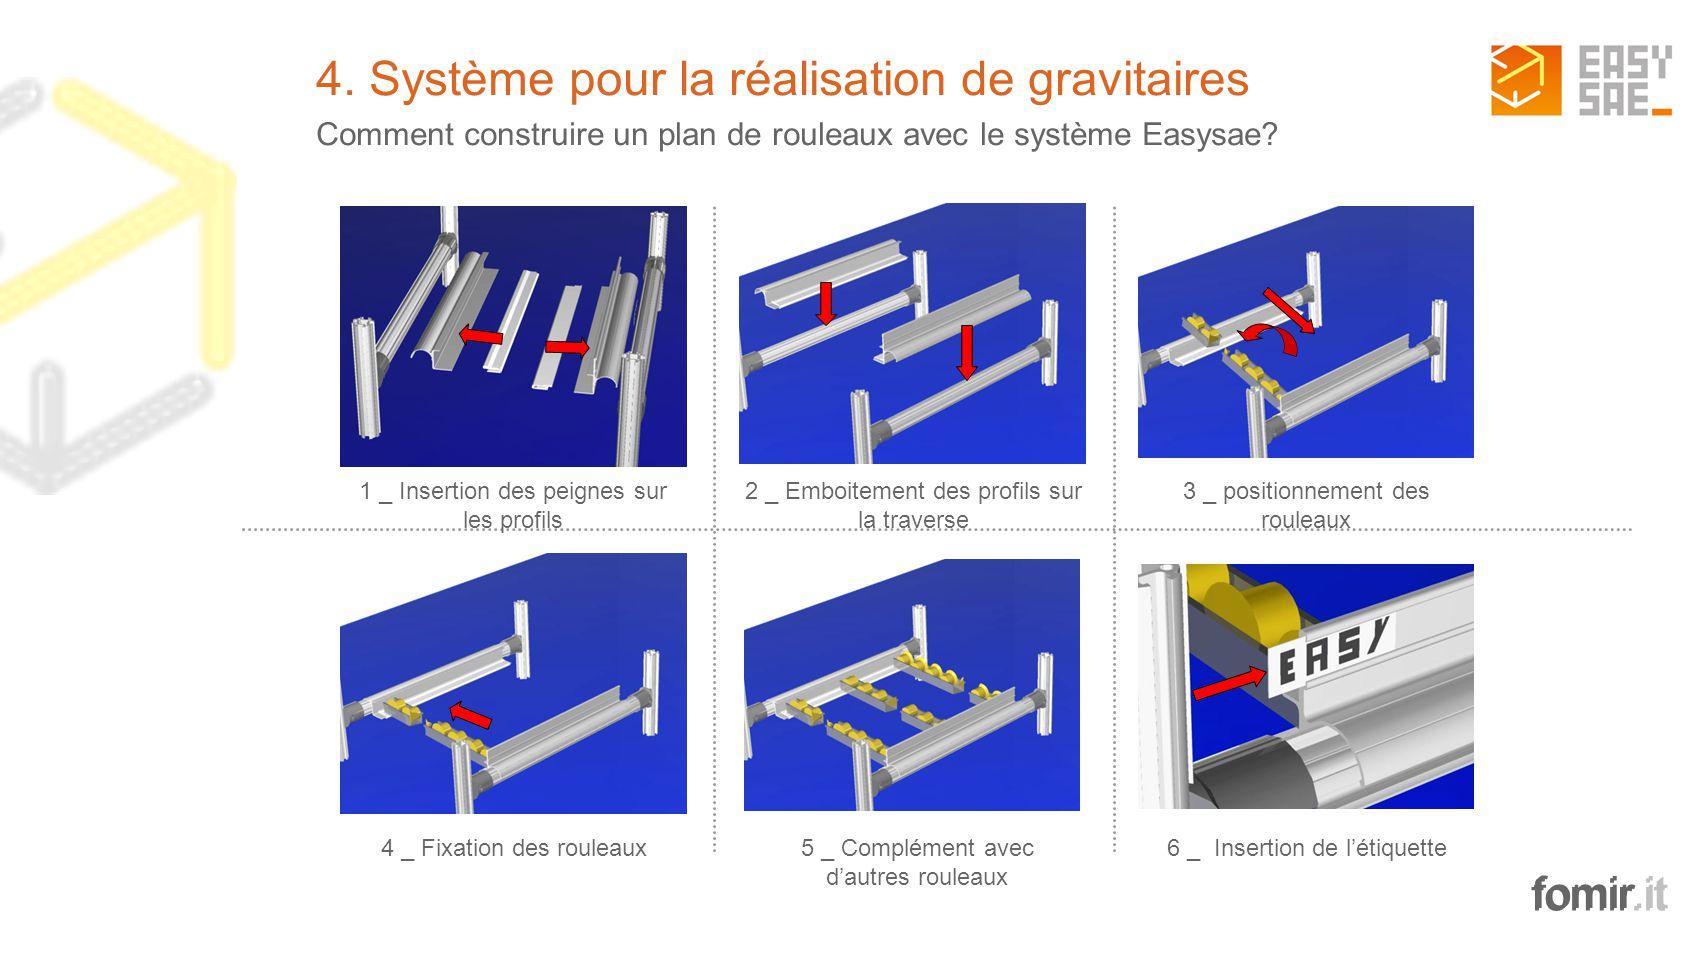 4. Système pour la réalisation de gravitaires